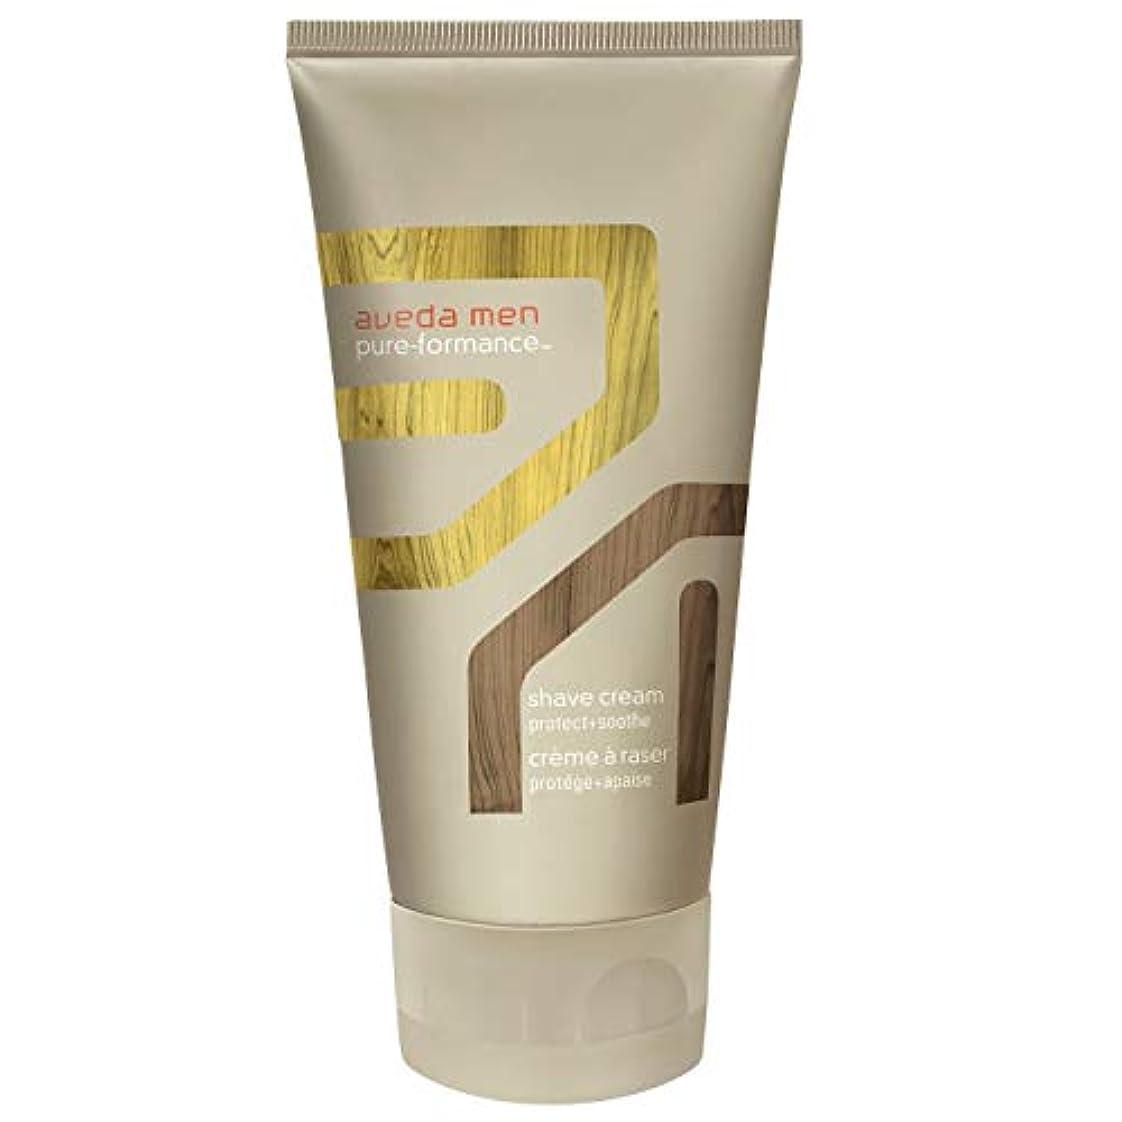 スキルバウンド絡み合い[AVEDA] アヴェダ男性の純粋な-Formanceシェーブクリーム150ミリリットル - Aveda Men Pure-Formance Shave Cream 150ml [並行輸入品]